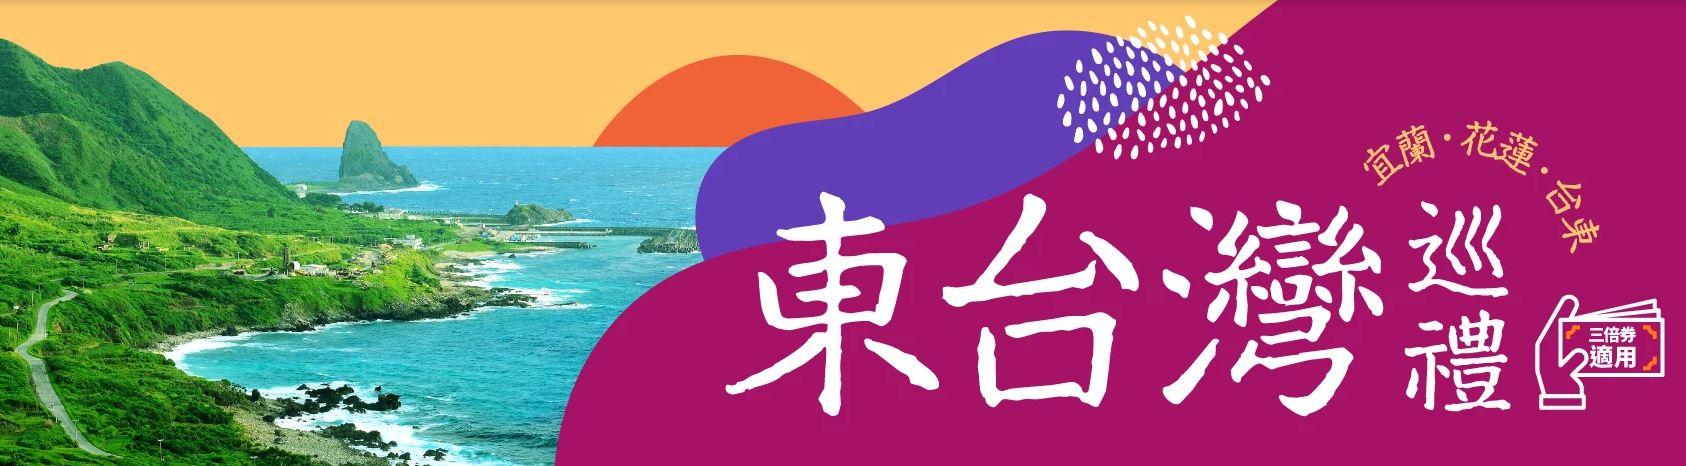 【台東最美星空】免費星空導覽、最美星空音樂會、熱氣球嘉年華一次滿足! - threeonelee.com